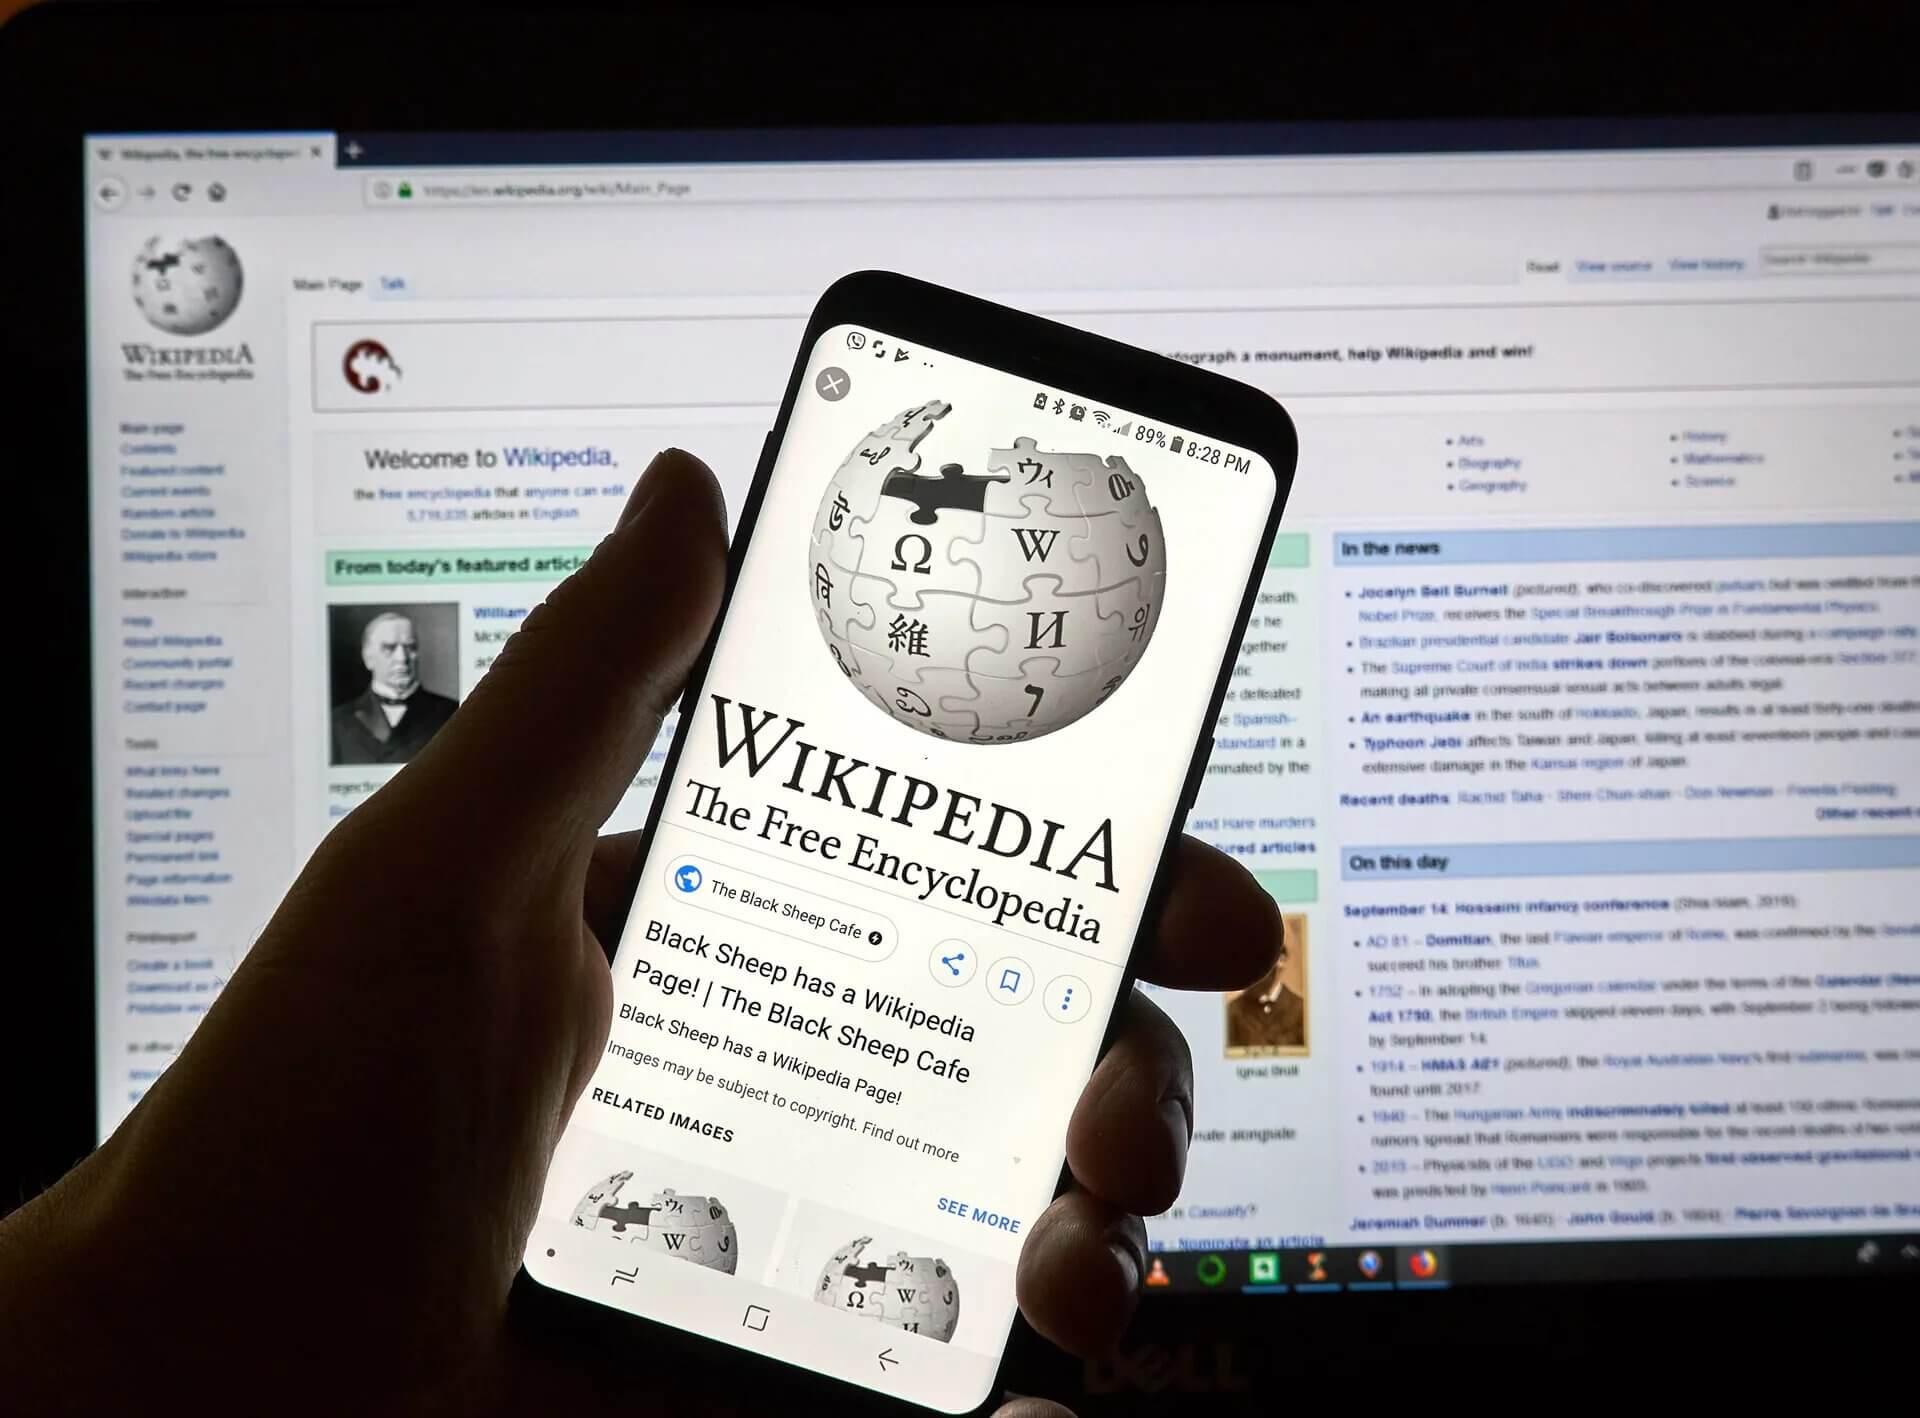 Википедия, бесплатный пиар и длинная дорога к успеху